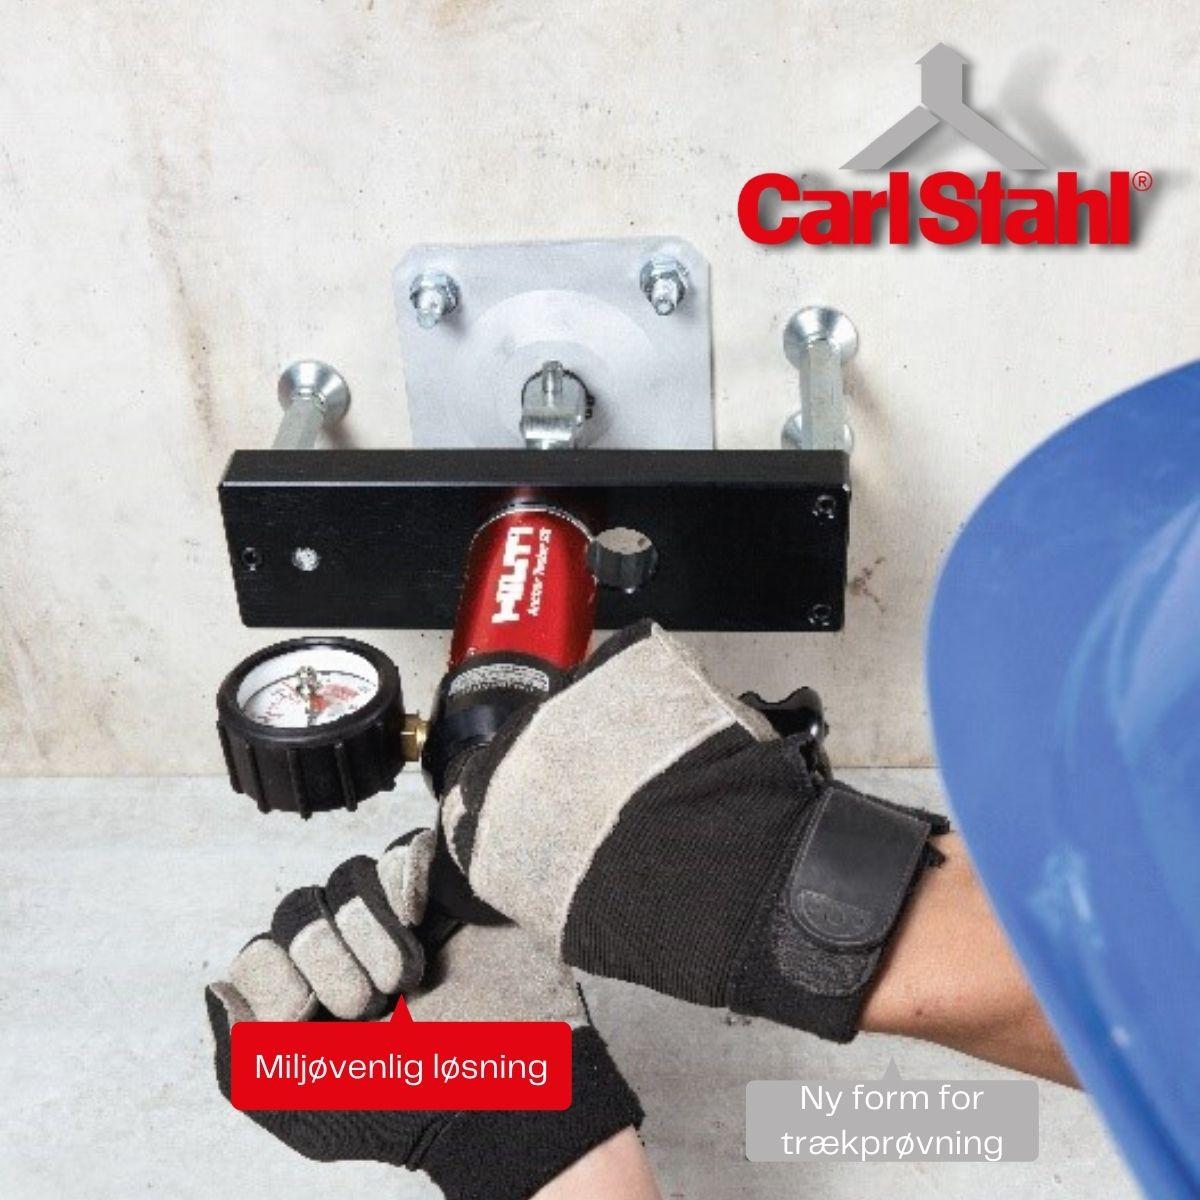 Trækprøvning Carl Stahl